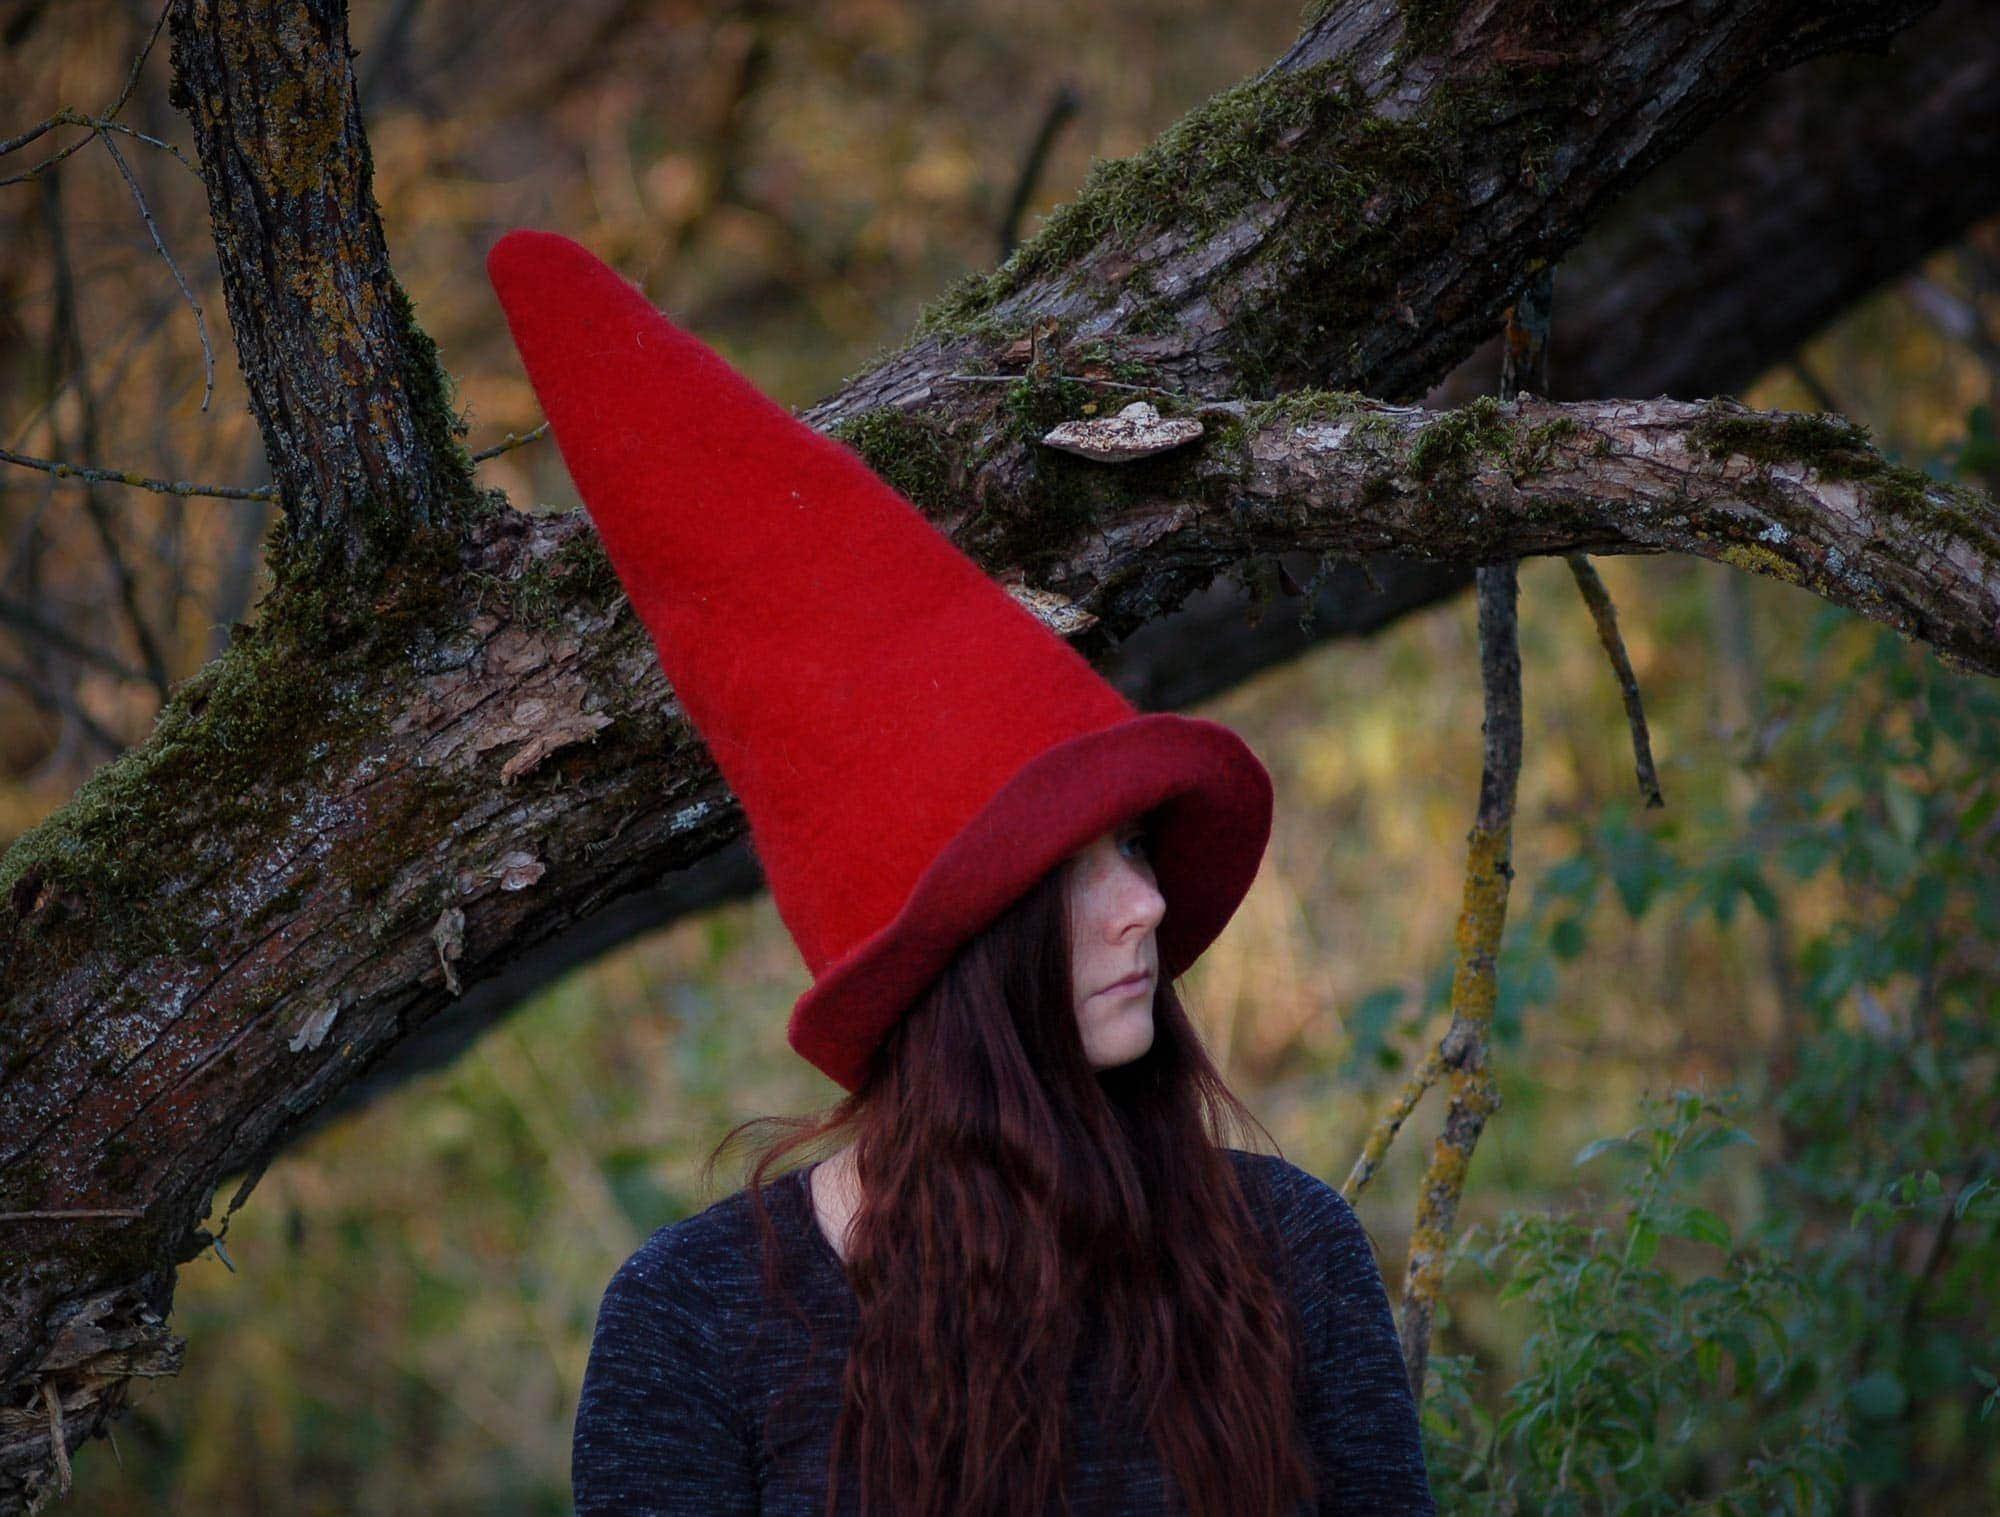 czerwona czapka czarownicy